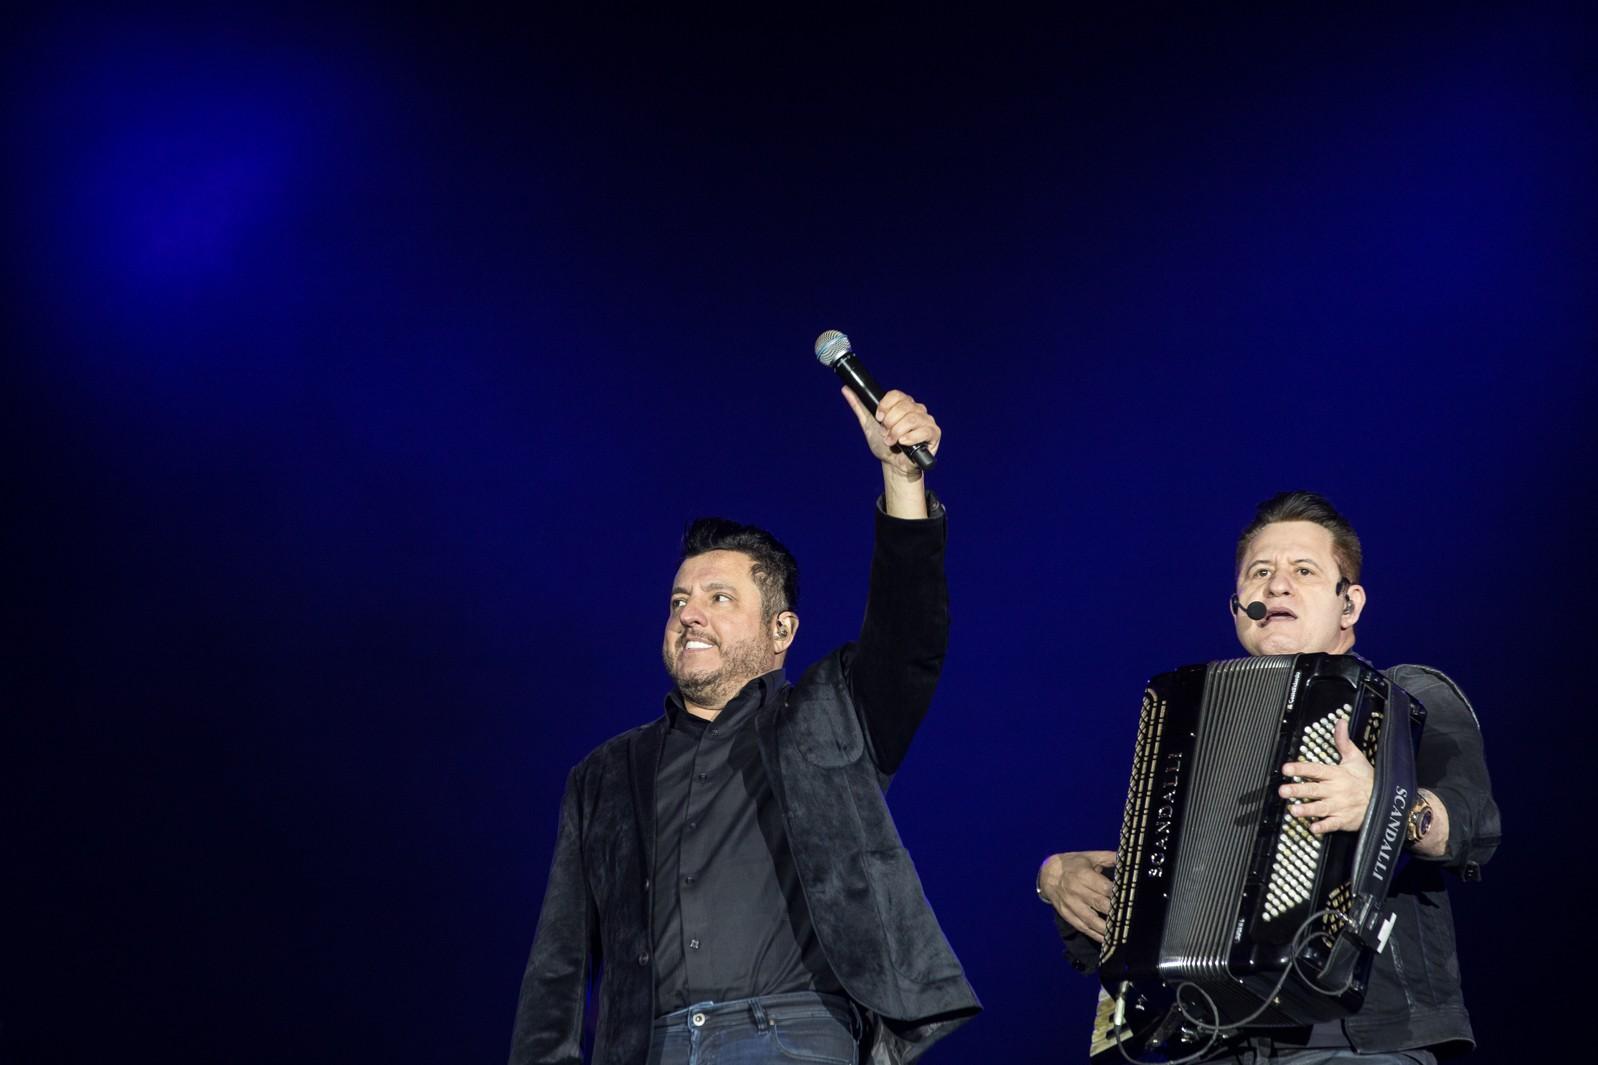 Bruno & Marrone e Roupa Nova se unem para noite de shows em Belém - Noticias